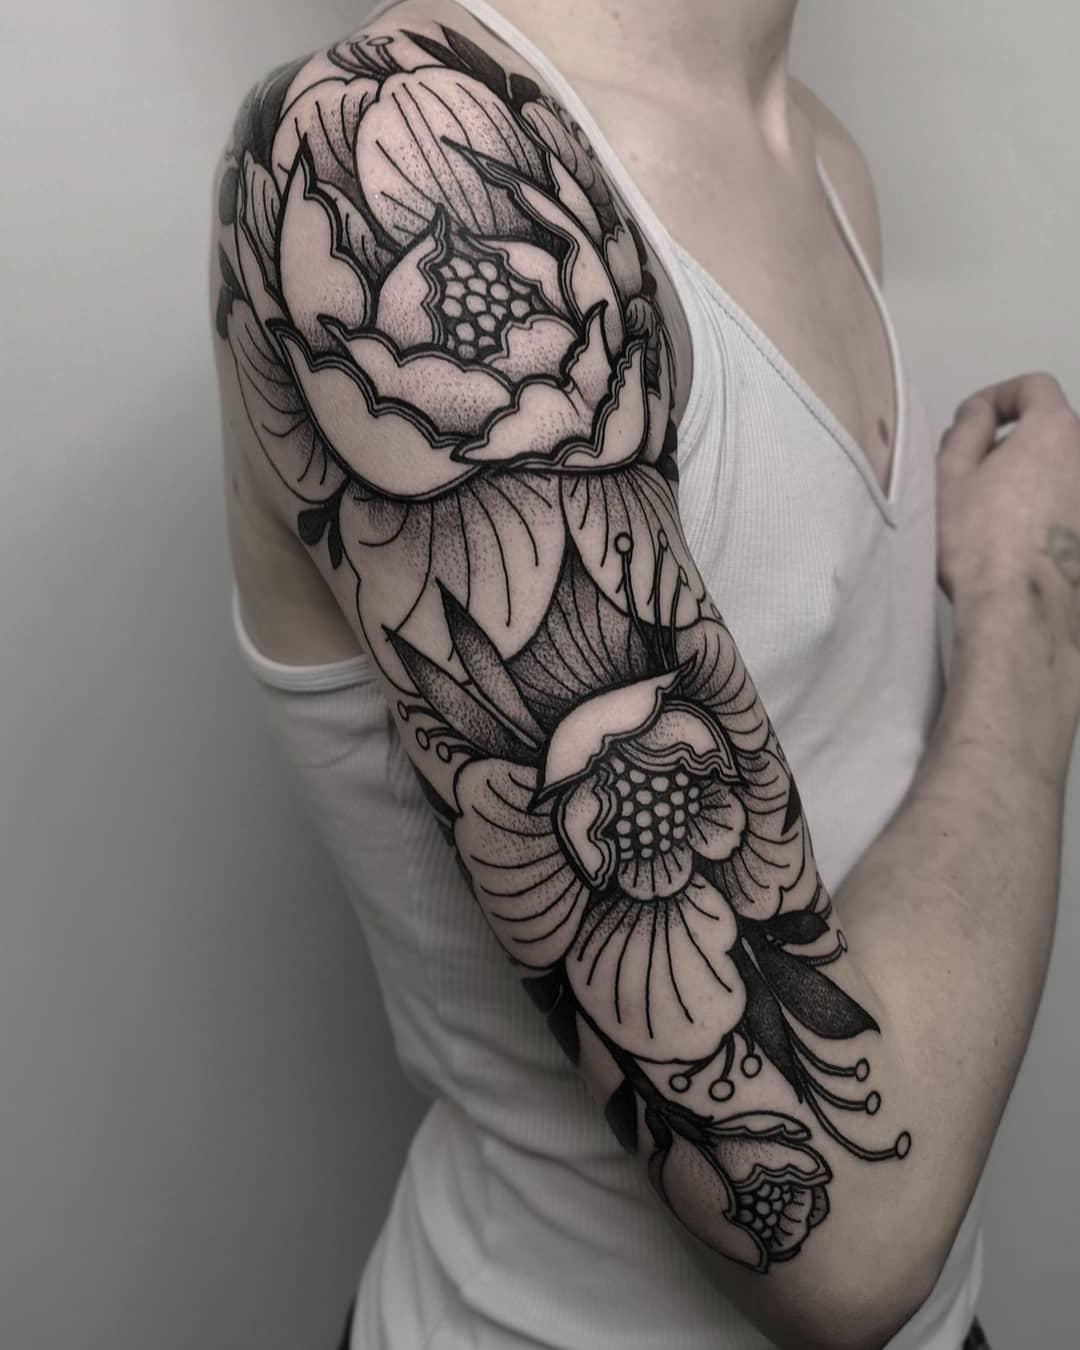 大臂黑灰点刺风牡丹纹身图案